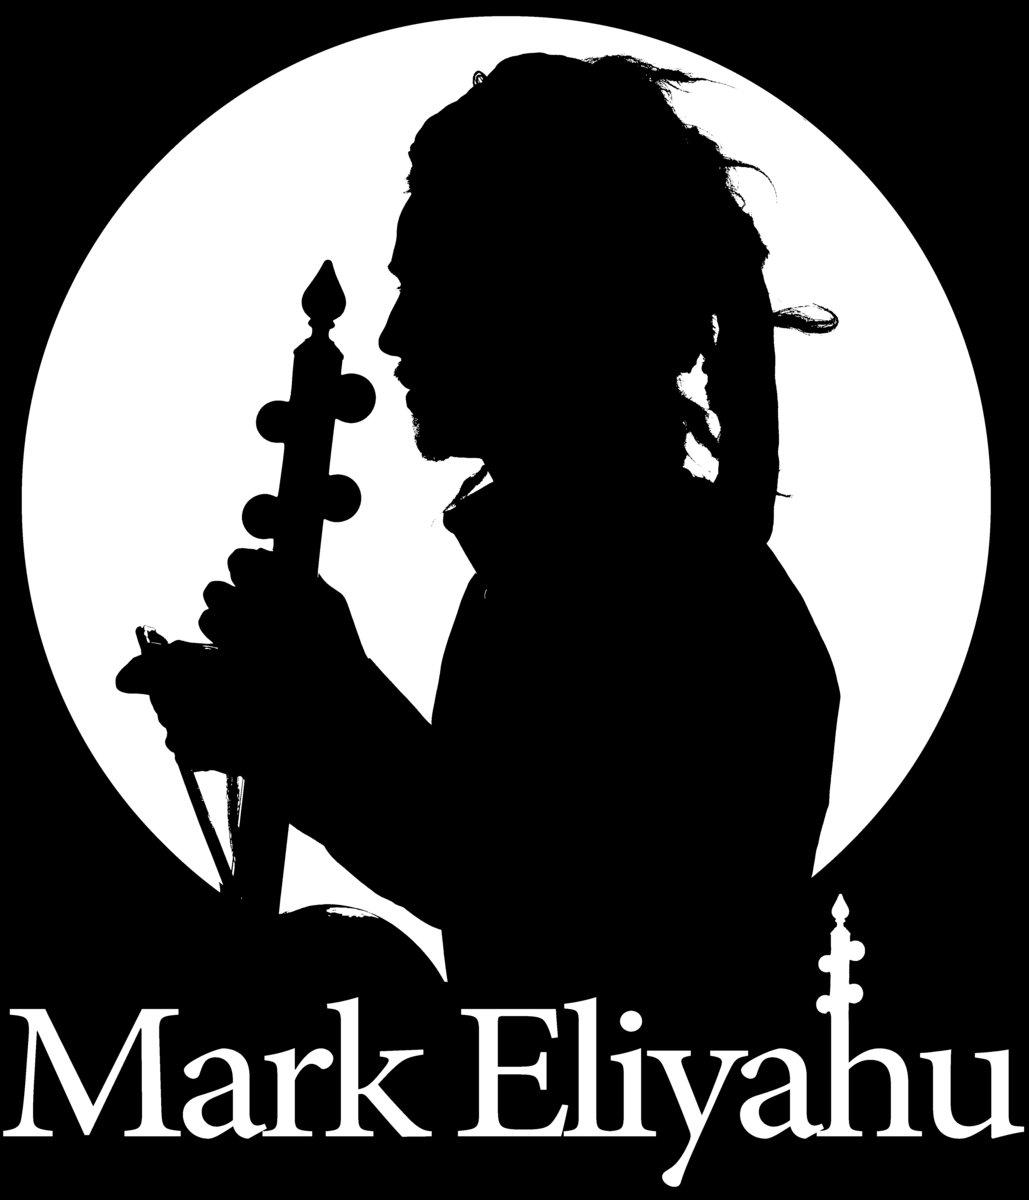 Sands Mark Eliyahu